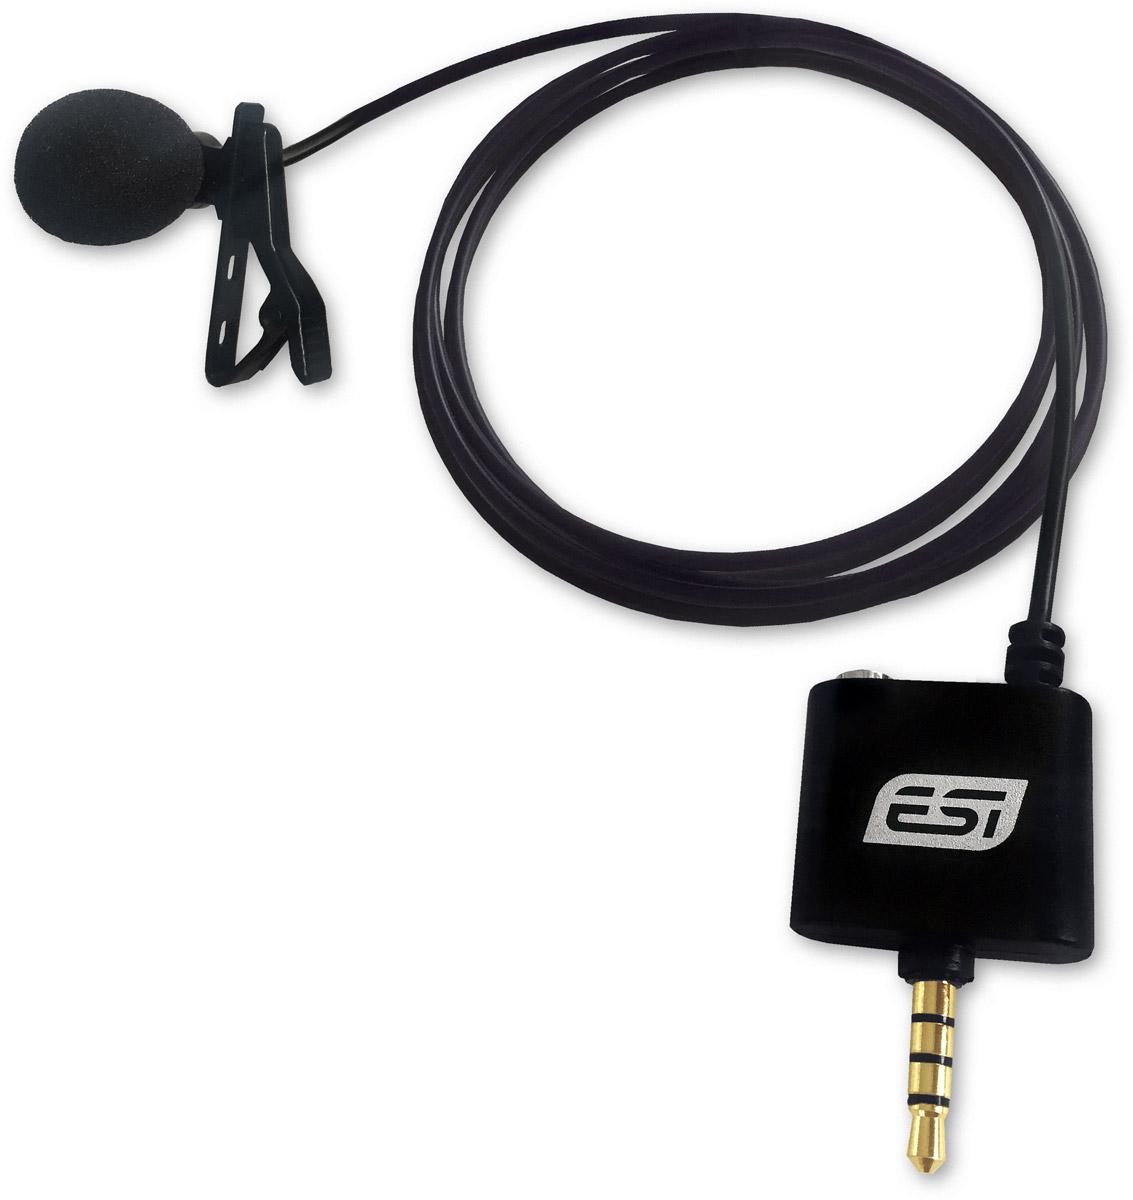 ESI cosMik Lav, Black микрофонcosMik LavESI cosMik Lav — миниатюрный конденсаторный петличный микрофон. Эта модель подключается напрямую к мобильным устройствам на базе iOS/Android и предназначена для записи подкастов, интервью, презентаций и лекций. При этом новинка обеспечивает более высокое качество звука, чем встроенный микрофон вашего девайса.Микрофон с круговой диаграммой направленностиДлинный соединительный кабель с 4-контактным разъёмом TRRSВыход на наушники типа миниджек для мониторинга во время записиПоролоновая ветрозащита